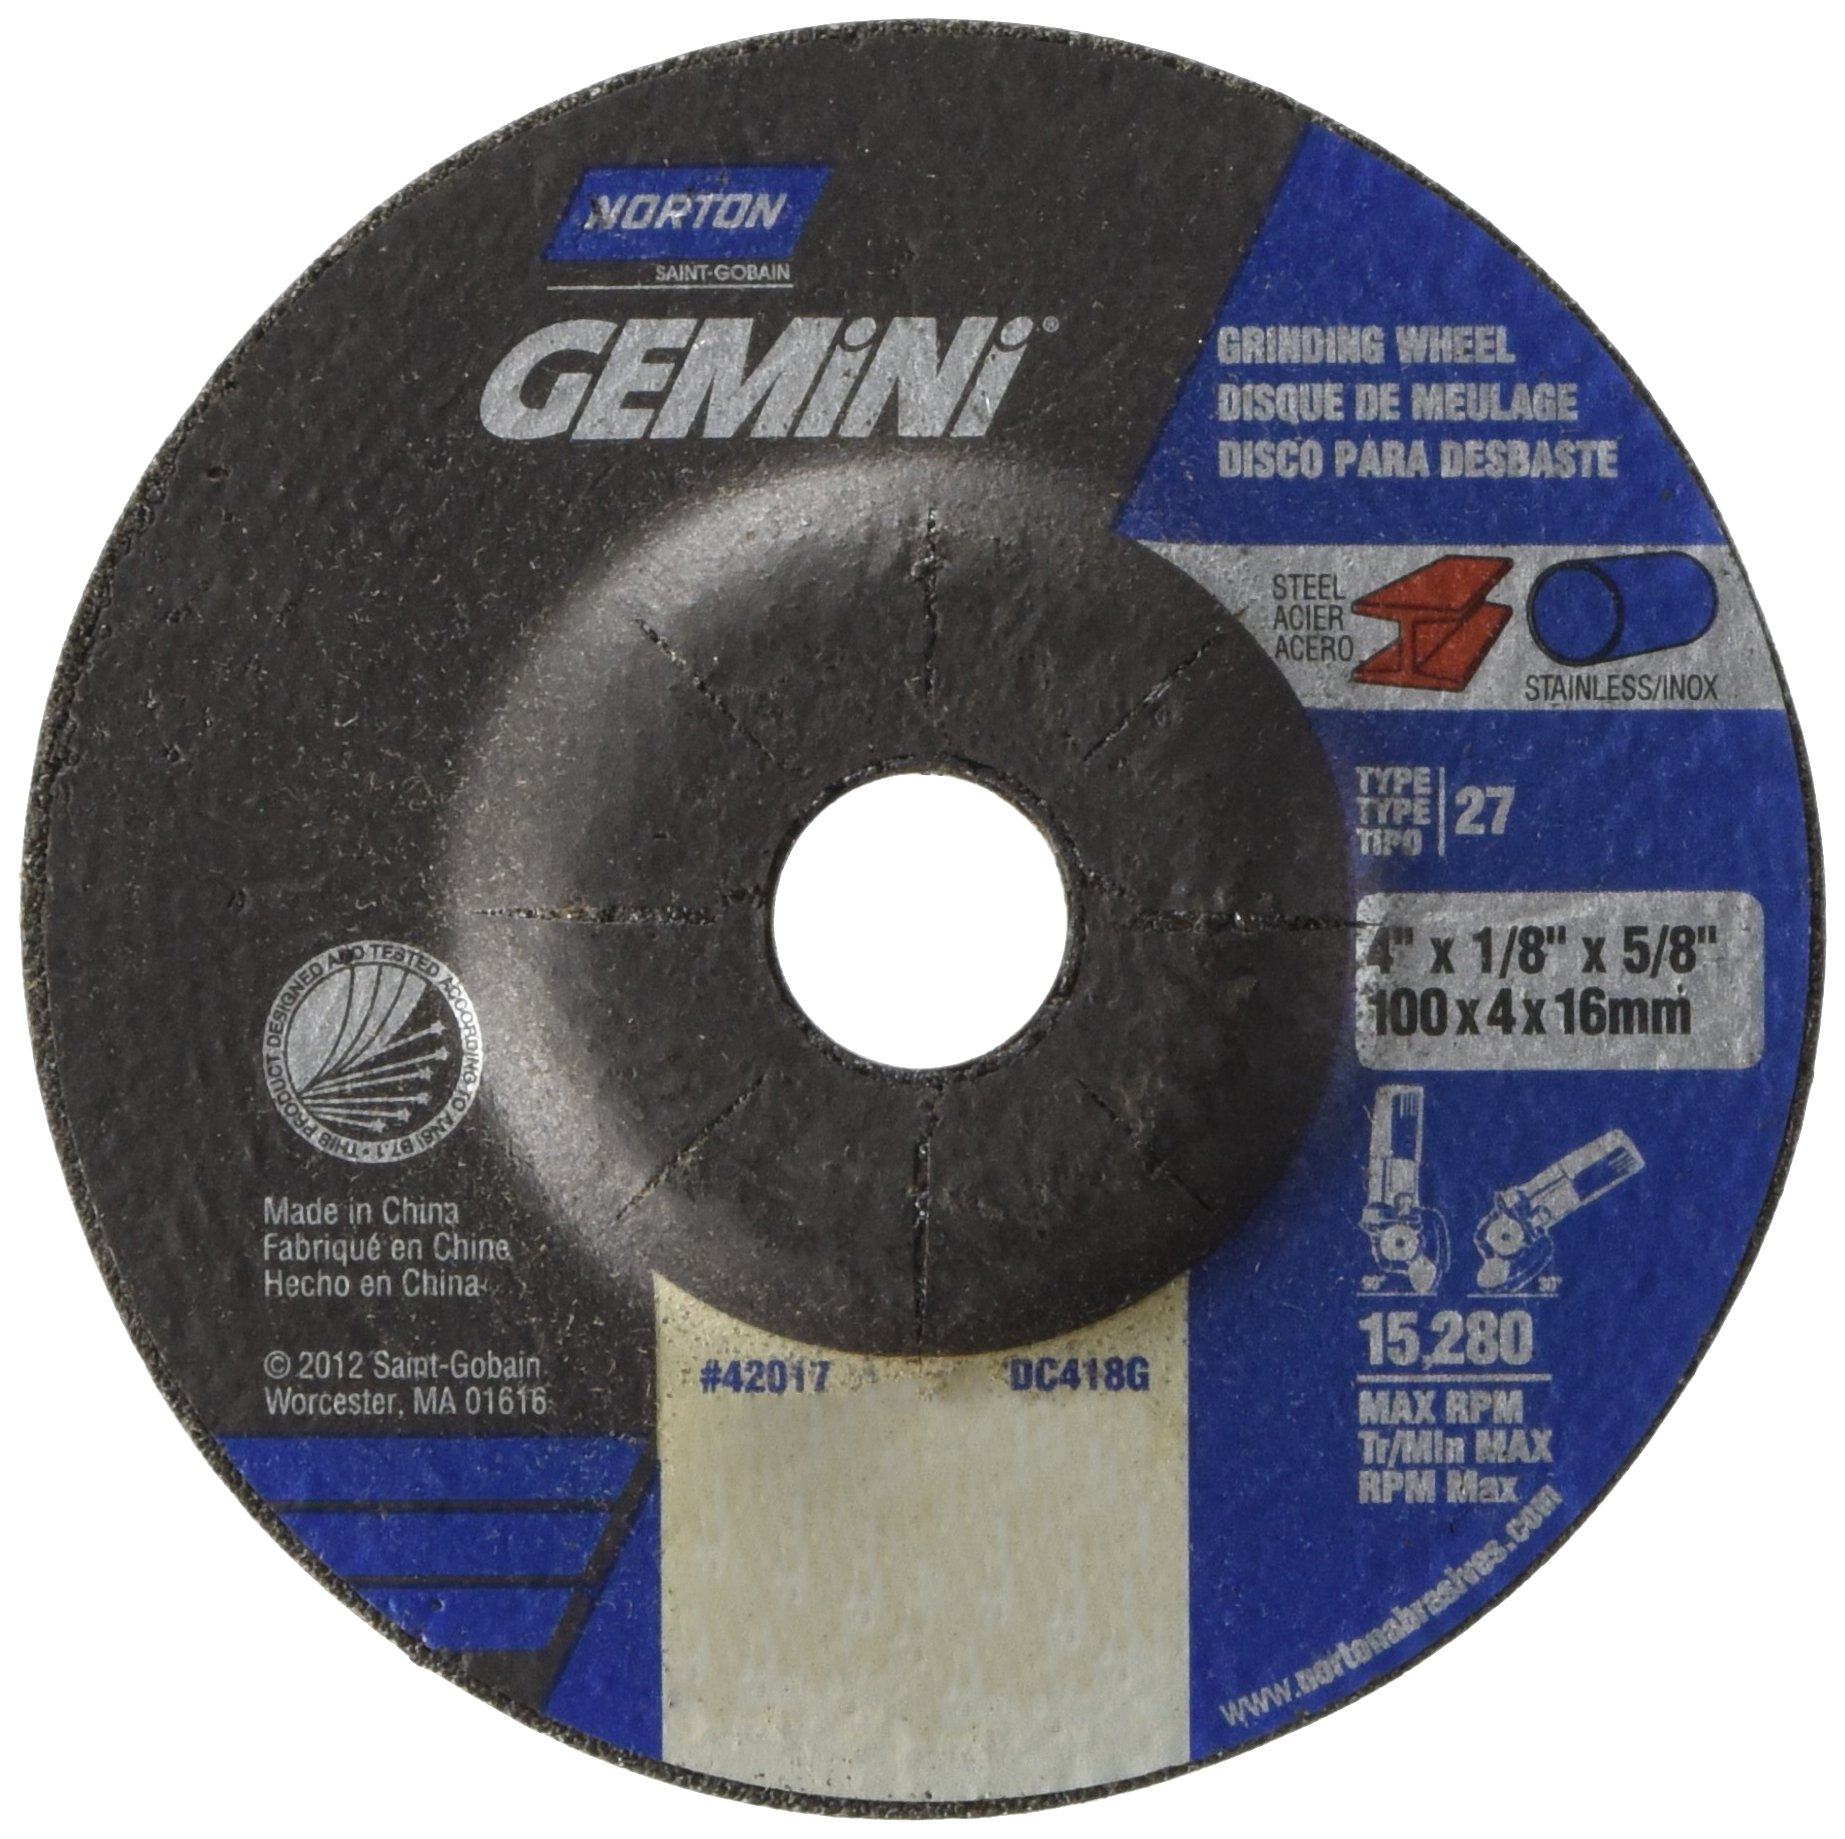 Norton Gemini Depressed Center Abrasive Wheel, Type 27, Aluminum Oxide, 5/8'' Arbor, 4'' Diameter x 1/8'' Thickness (Pack of 25)